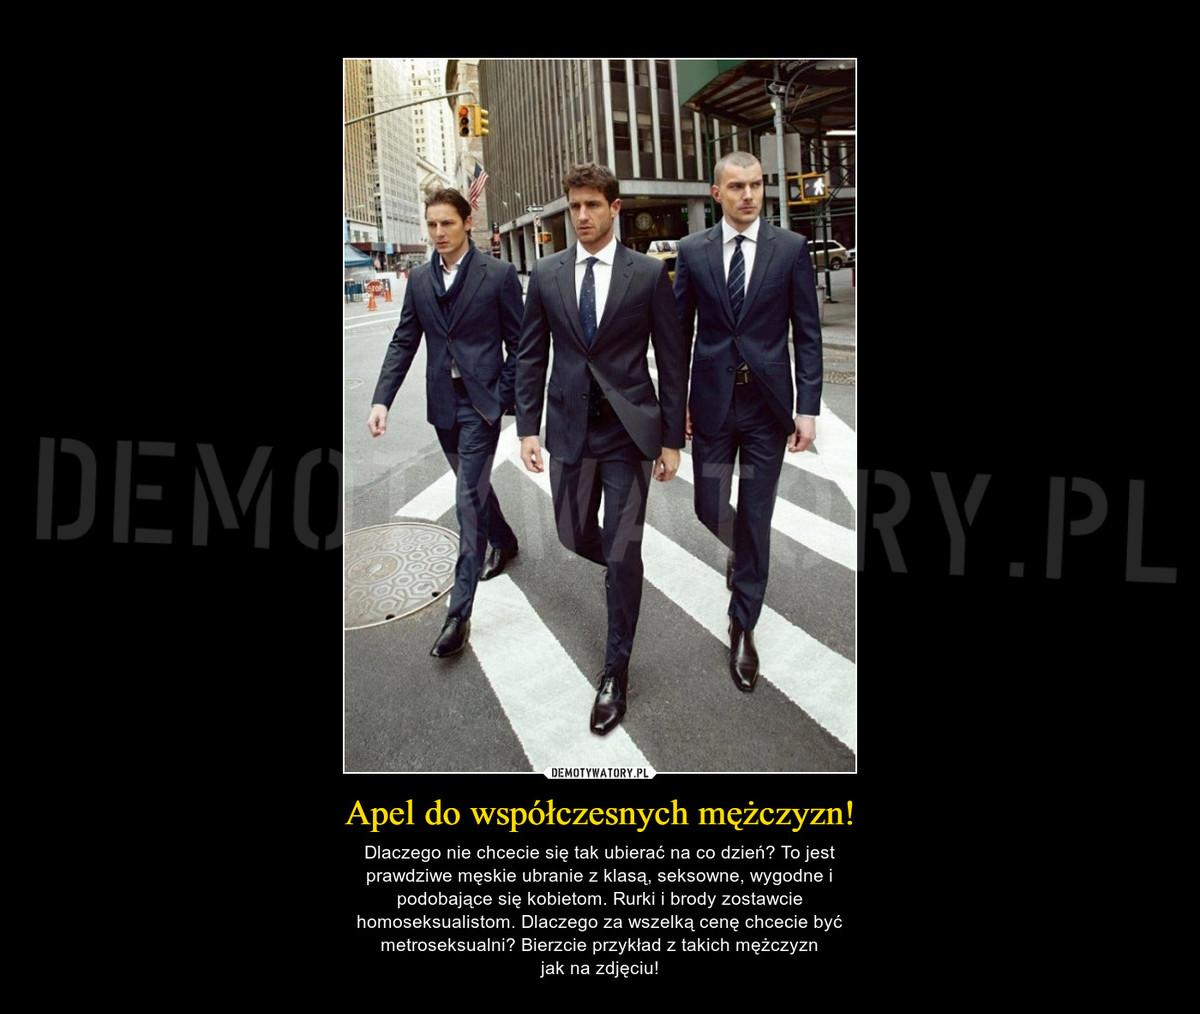 58af7e6d Apel do współczesnych mężczyzn! – Demotywatory.pl